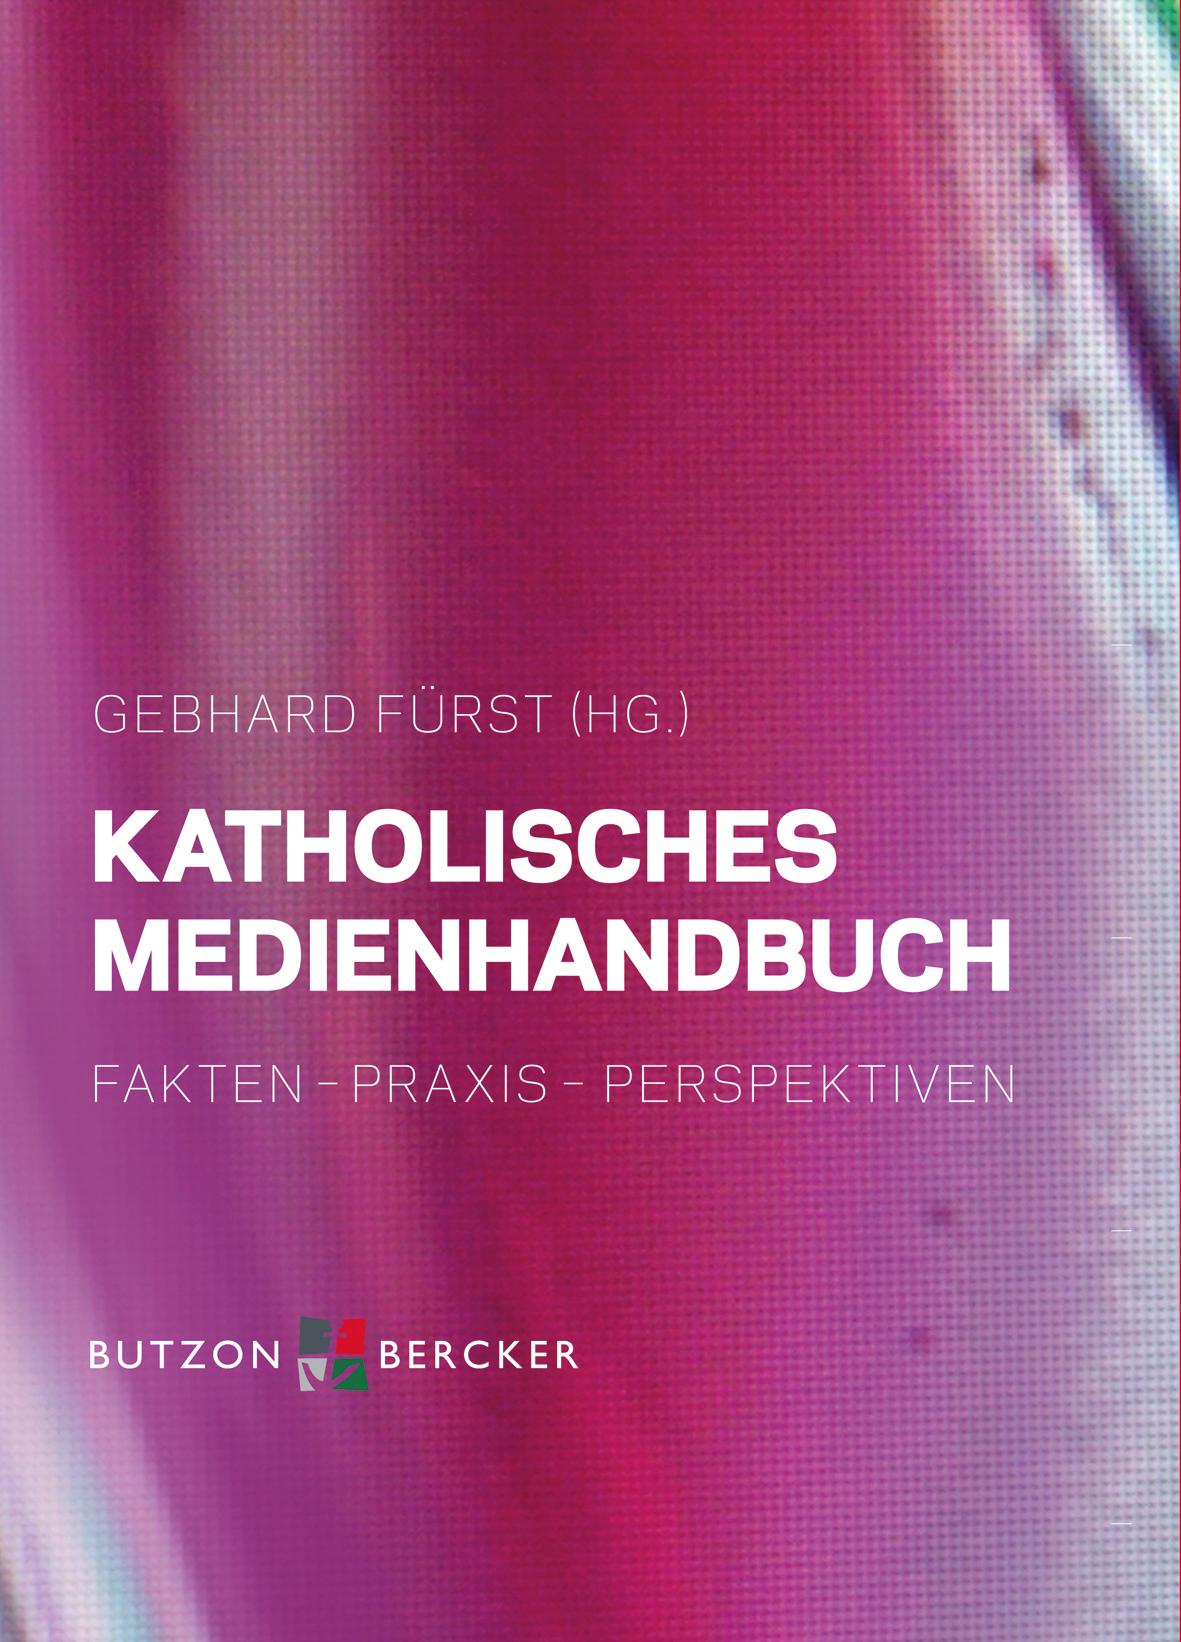 Katholisches Medienhandbuch von Fürst, Gebhard (Hrsg,) / Hober ...